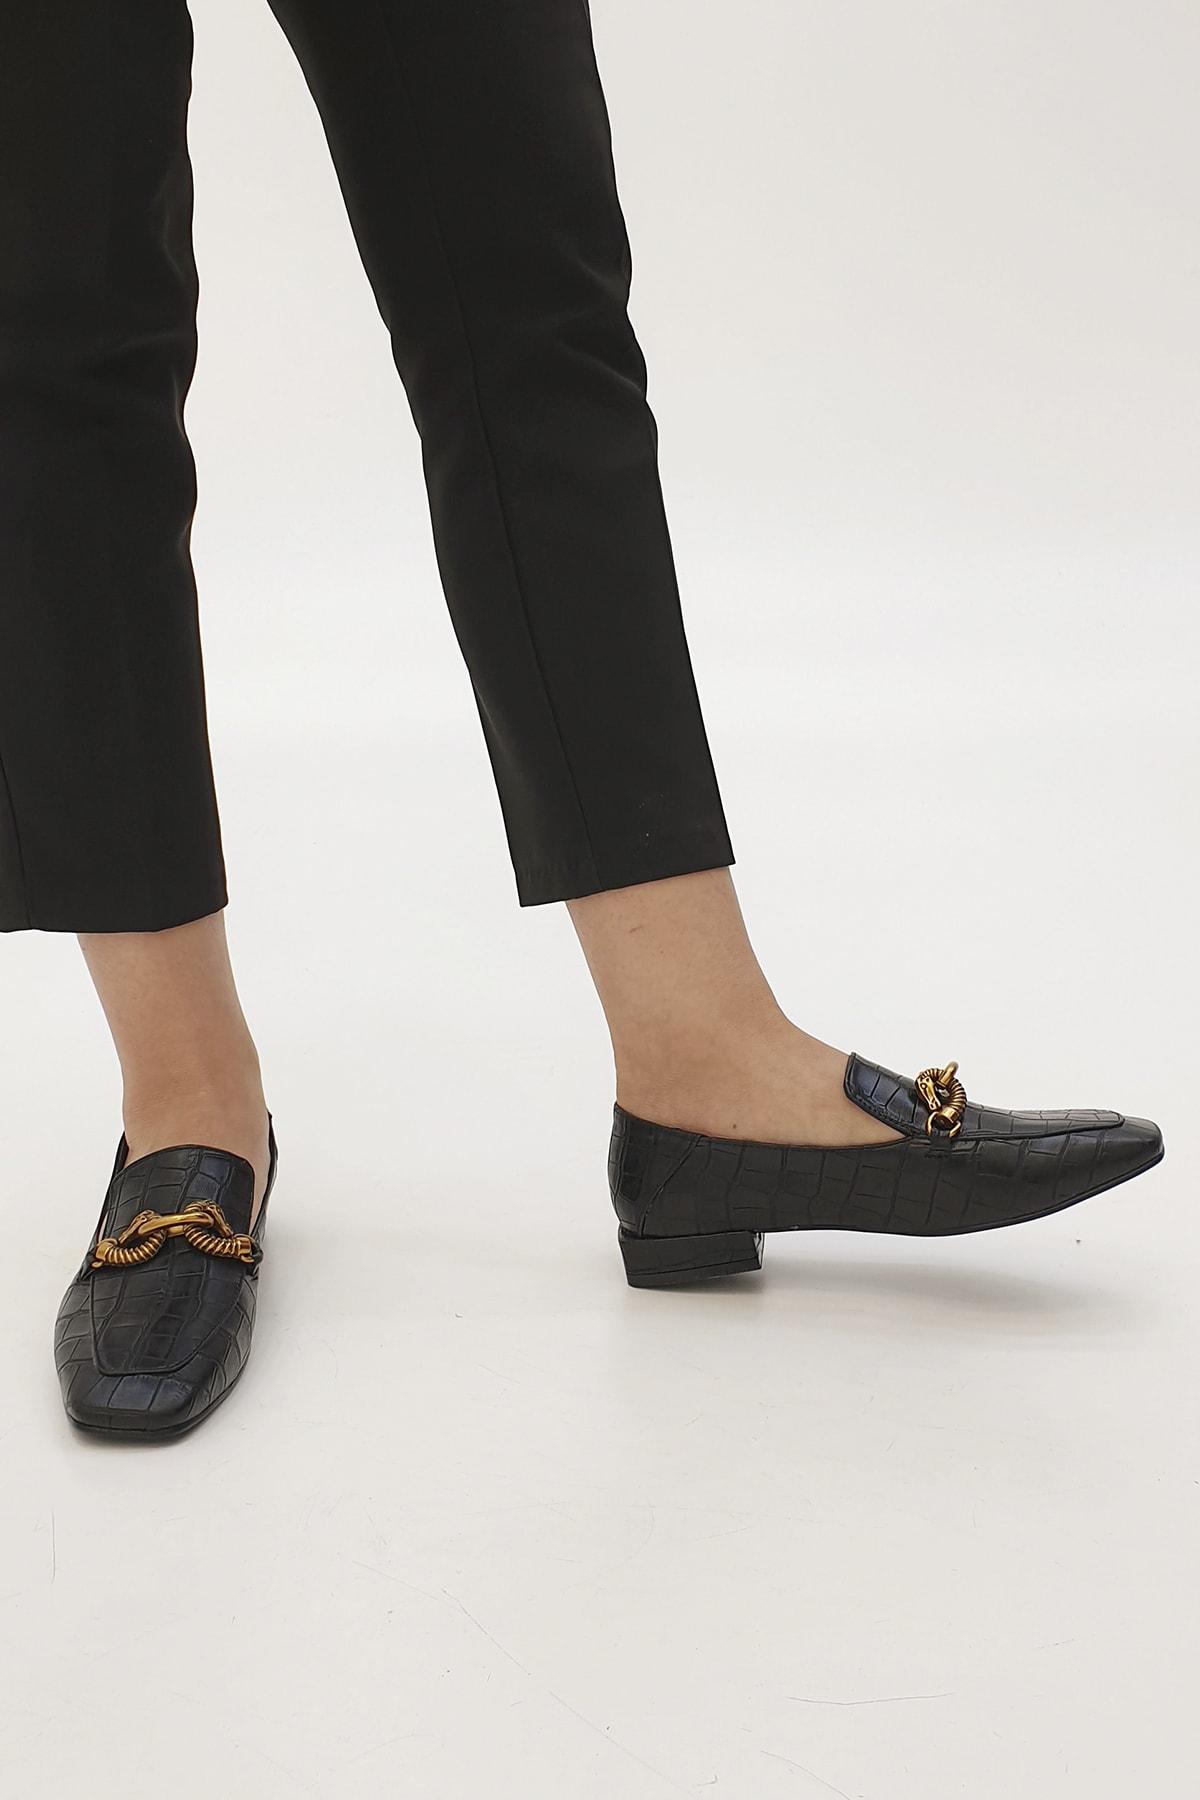 Marjin Alva Kadın Günlük Loafer Ayakkabı Siyah Croco